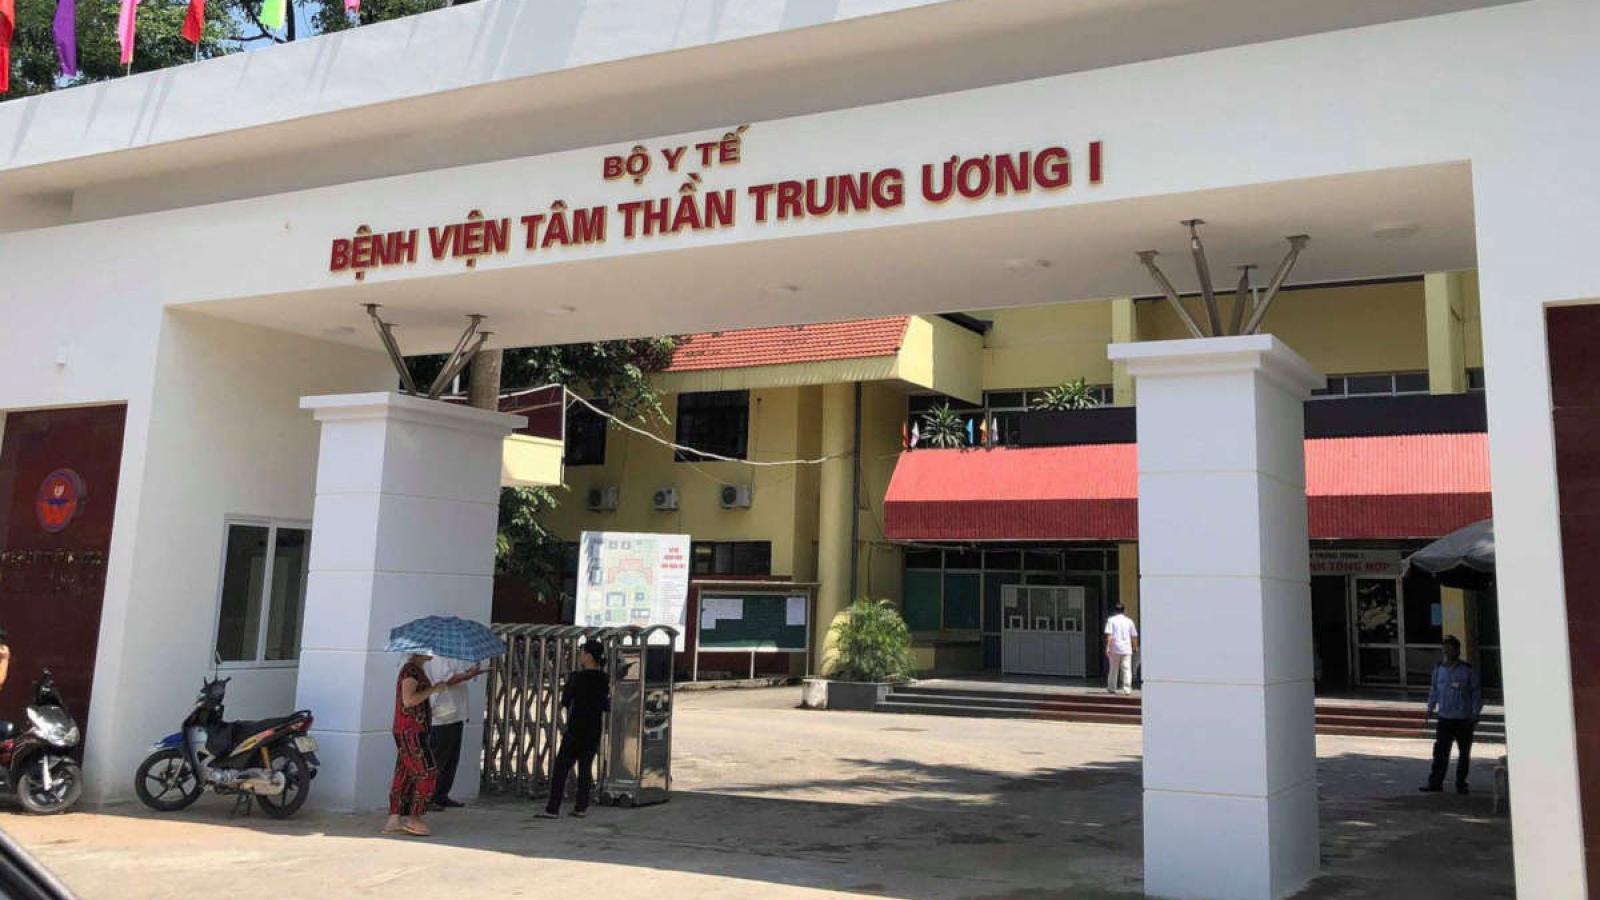 """Bắt Nguyễn Anh Vũ, cán bộ Bệnh viện Tâm thần TƯ I liên quan vụ """"bay, lắc"""""""